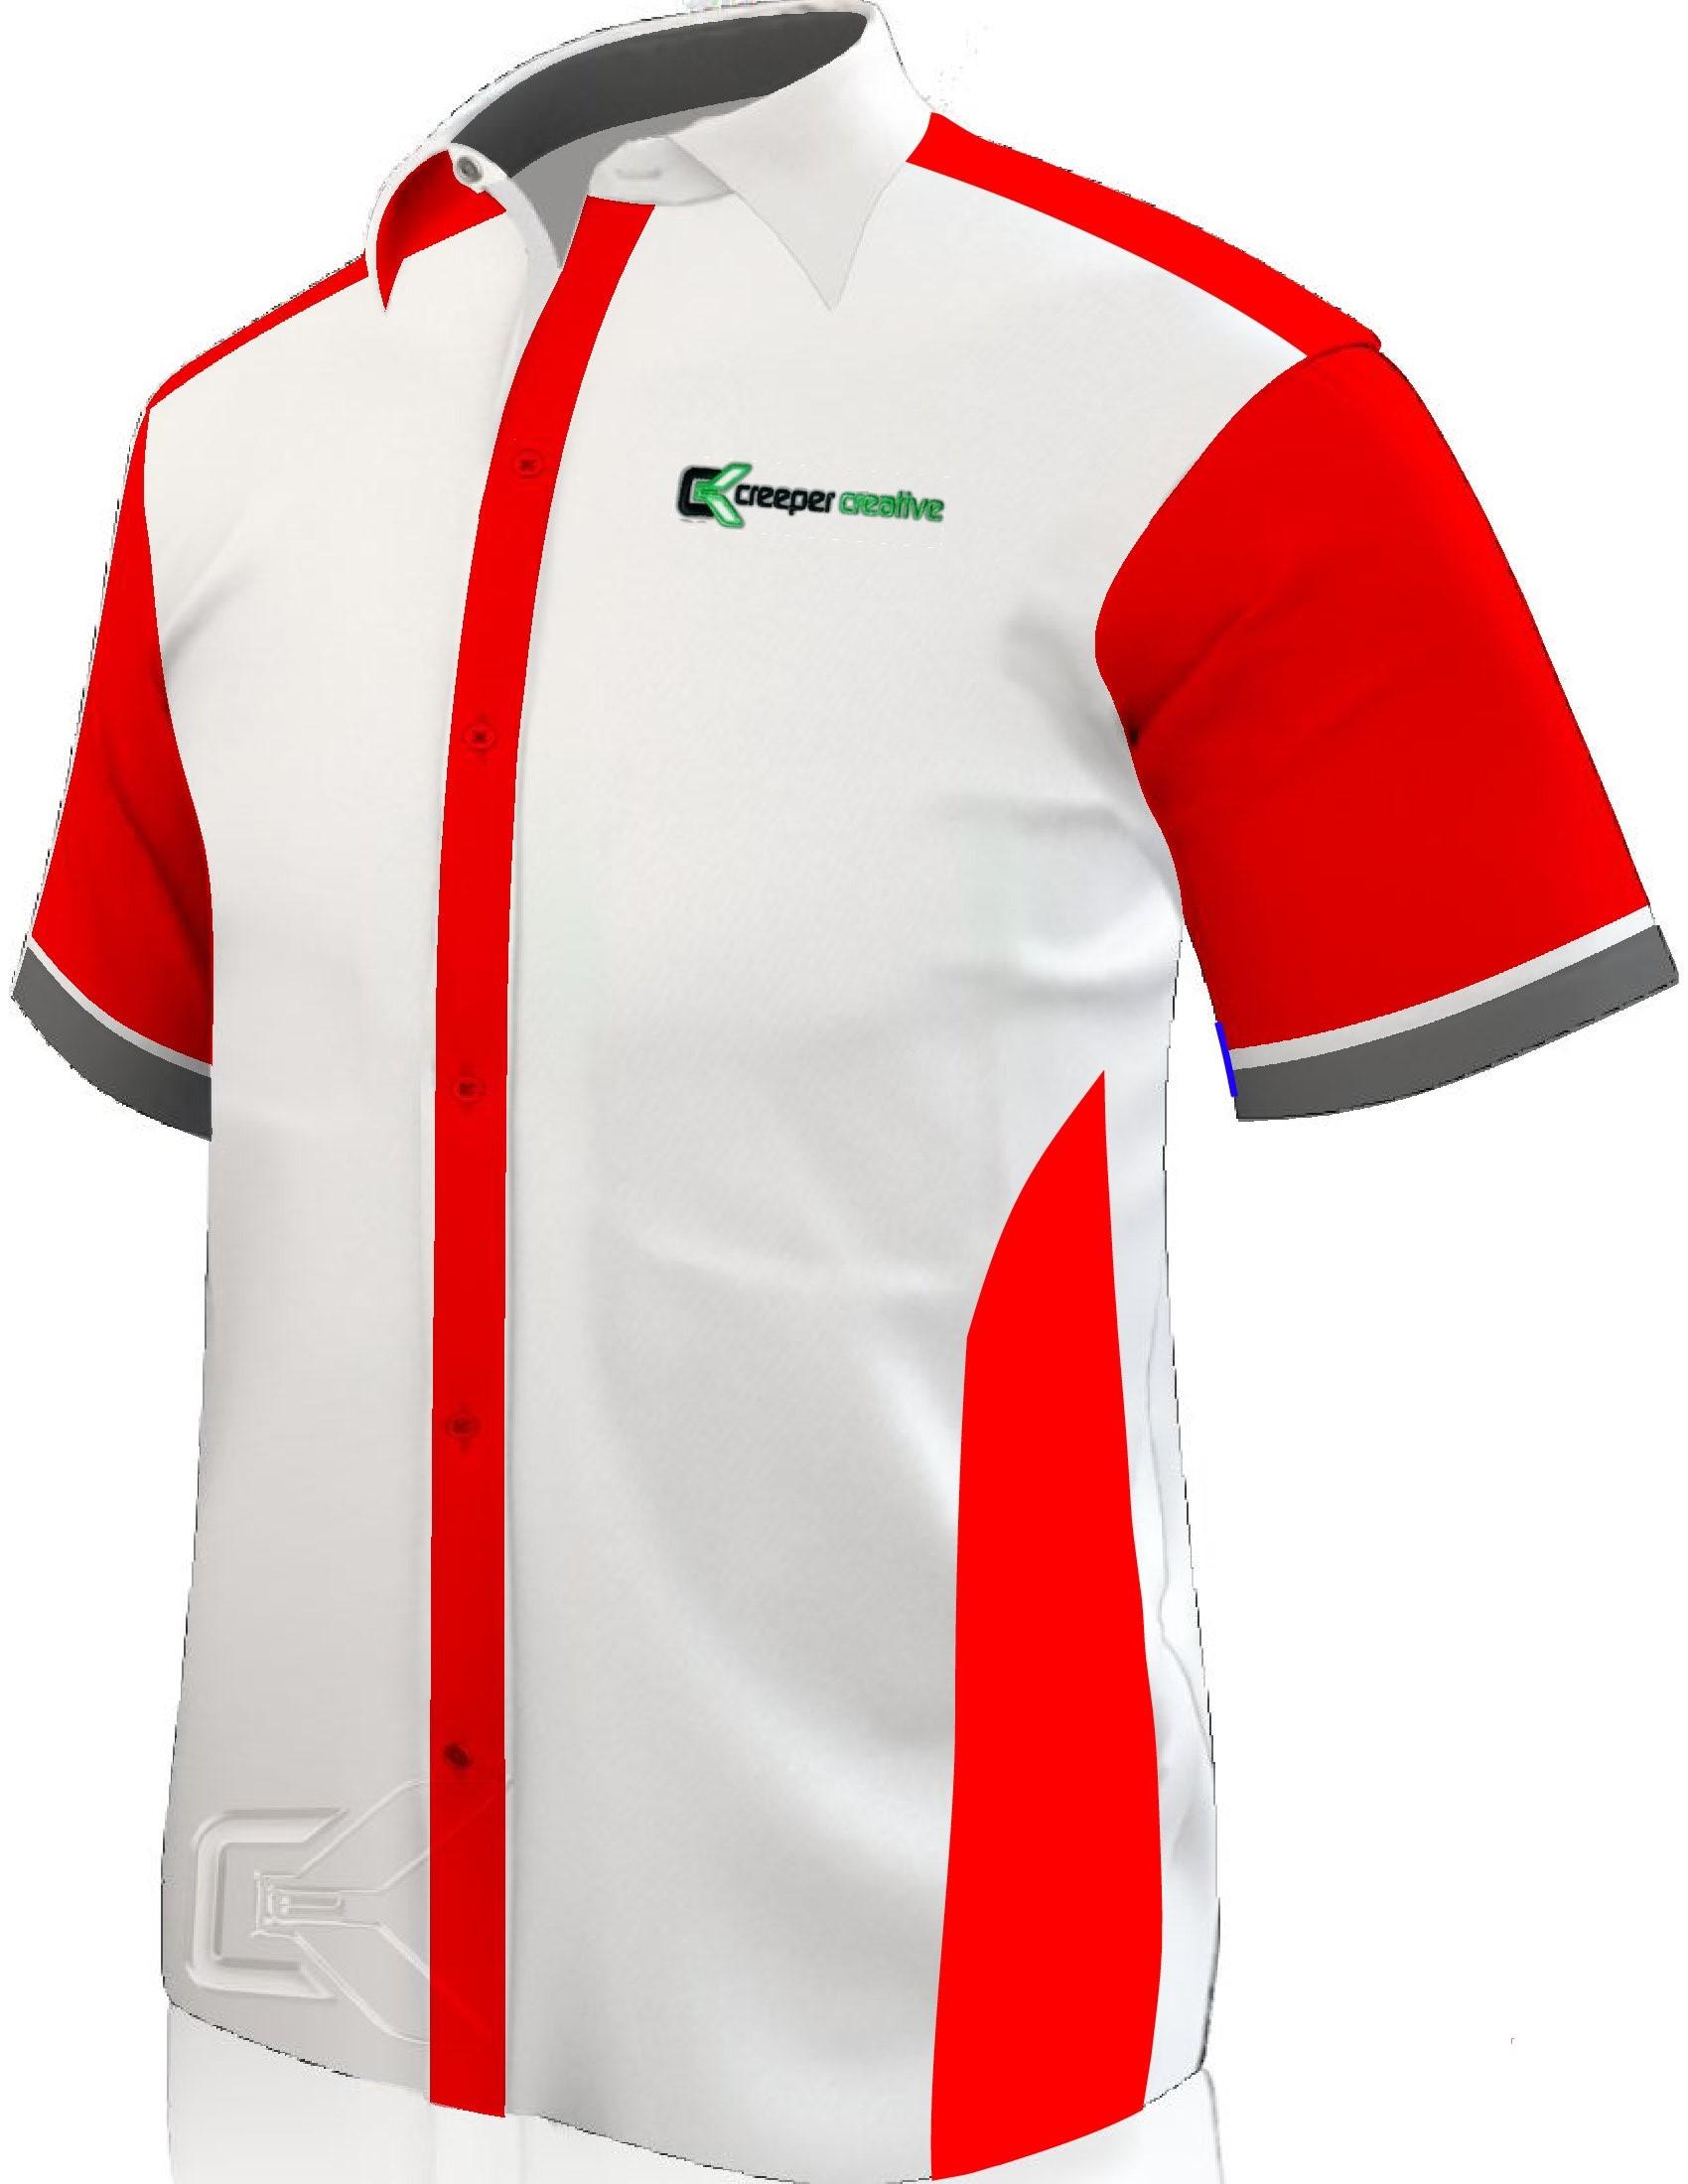 F1 Shirt Baju Korporat Design Your Own Shirt